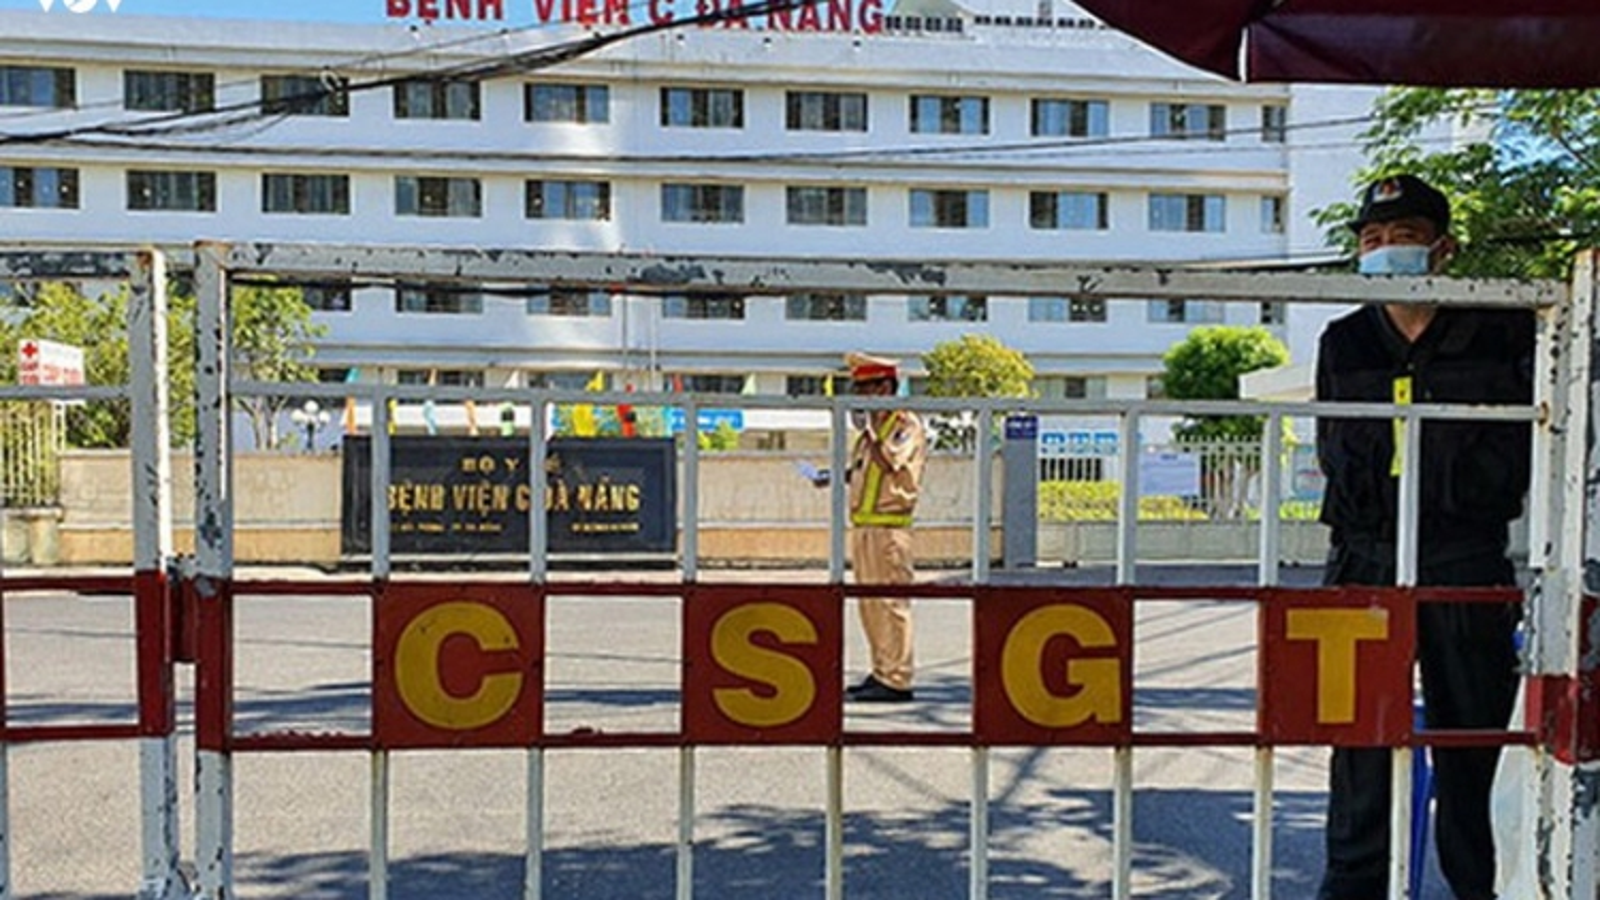 0h ngày 8/8 sẽ mở cửa trở lại Bệnh viện C Đà Nẵng